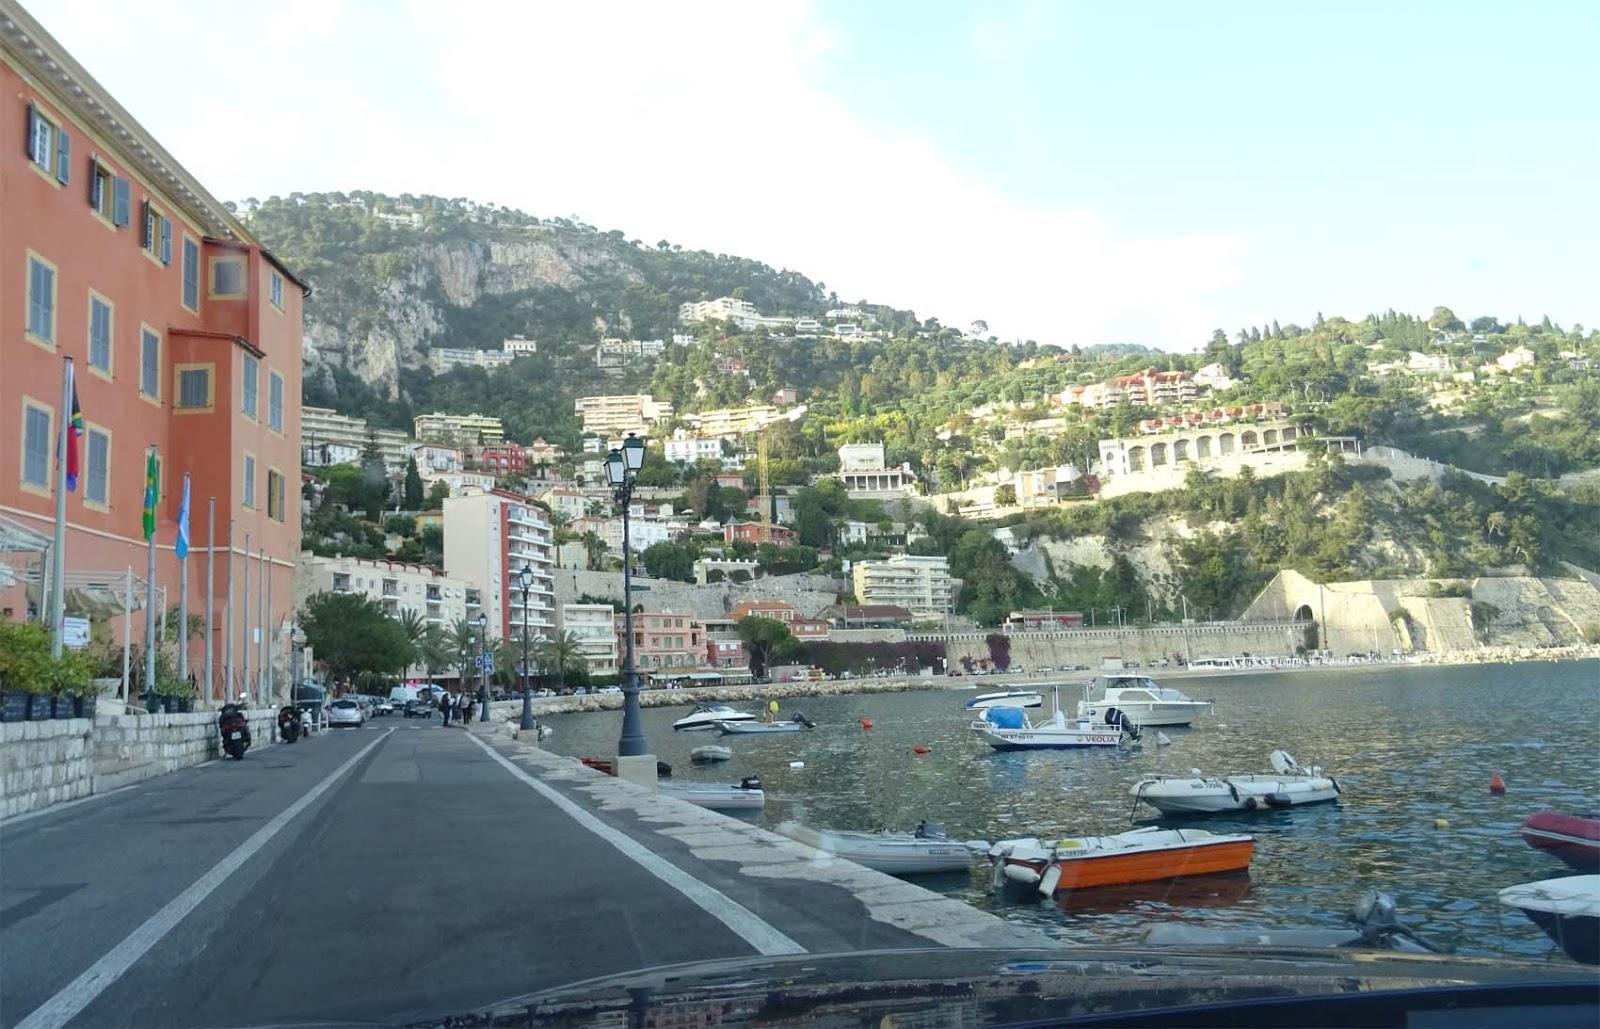 Anlegestelle Für Boote In Villefranche Sur Mer Rotes Haus Berge